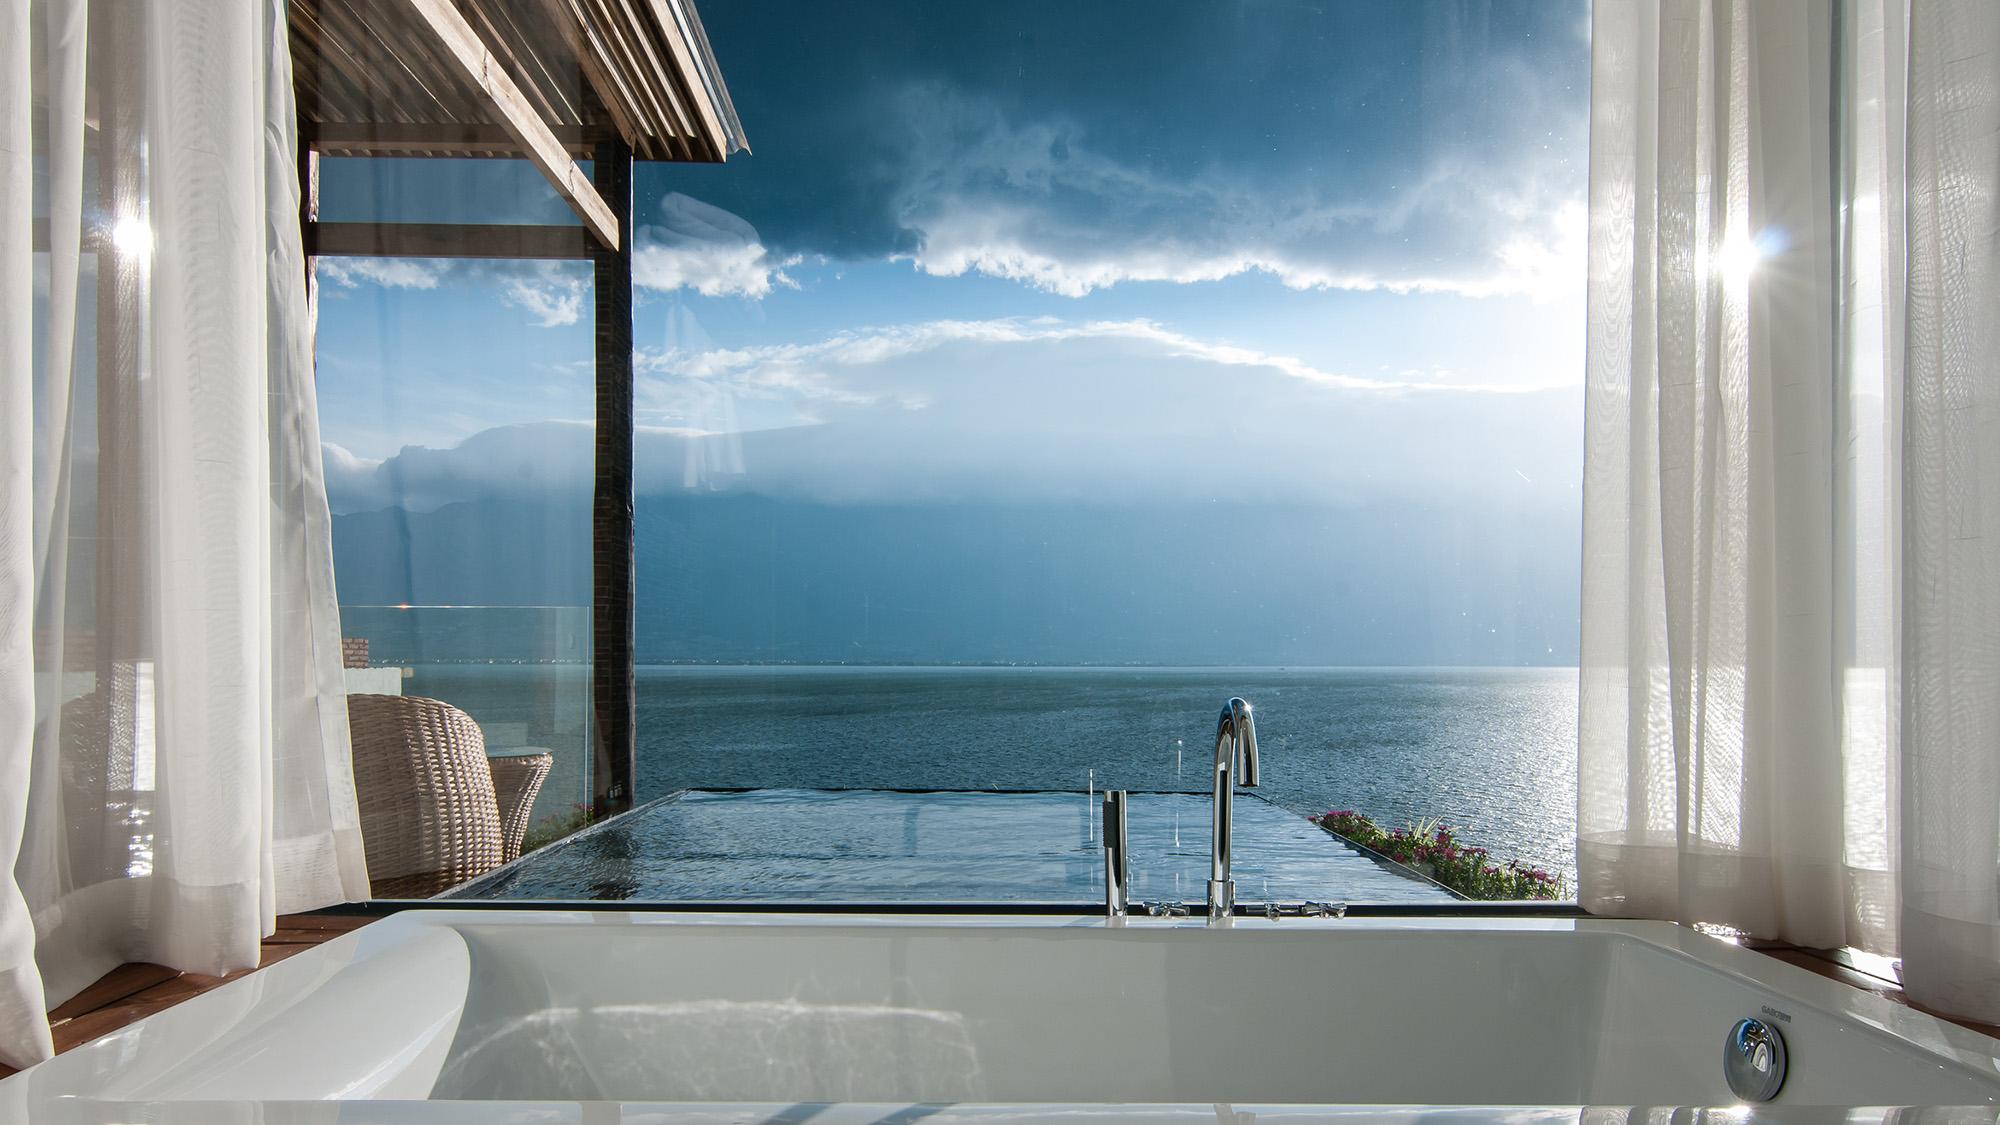 08 客房706-5 浴缸与洱海(梁小龙)